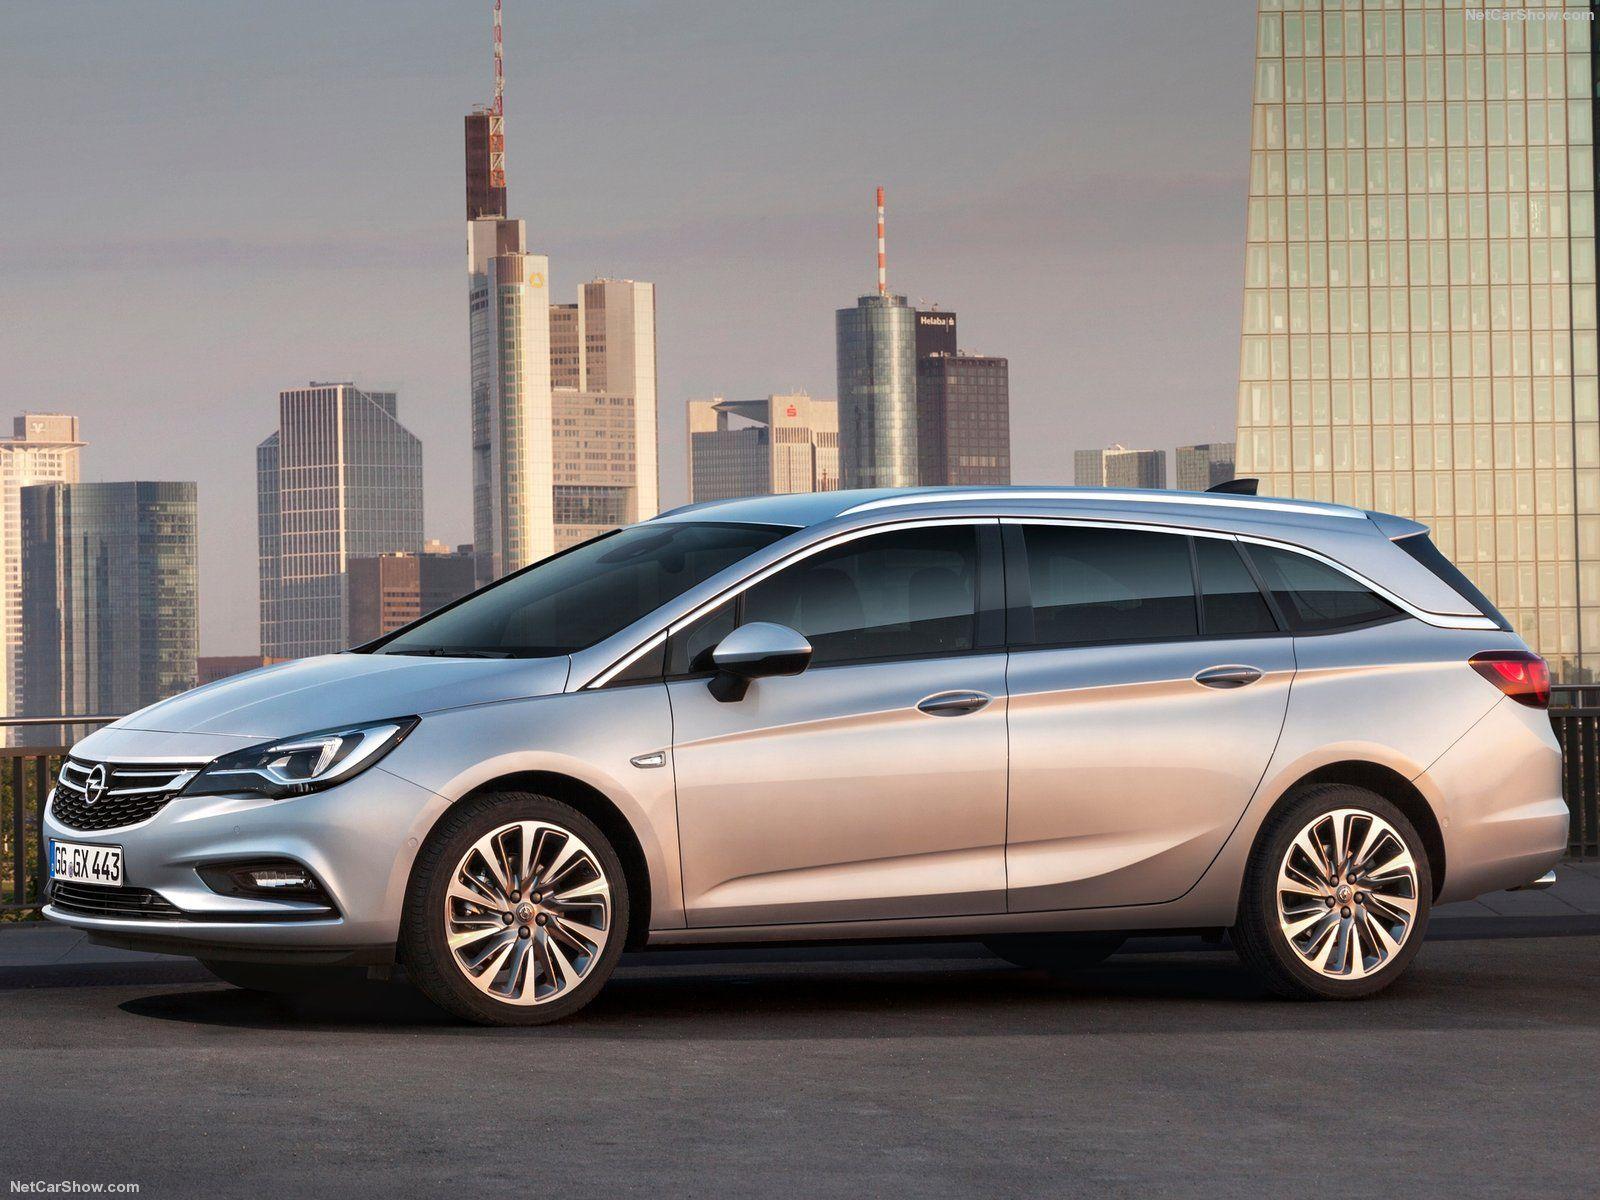 2016 Opel Astra Sports Tourer Opel Astra Opel Astra K Tourer